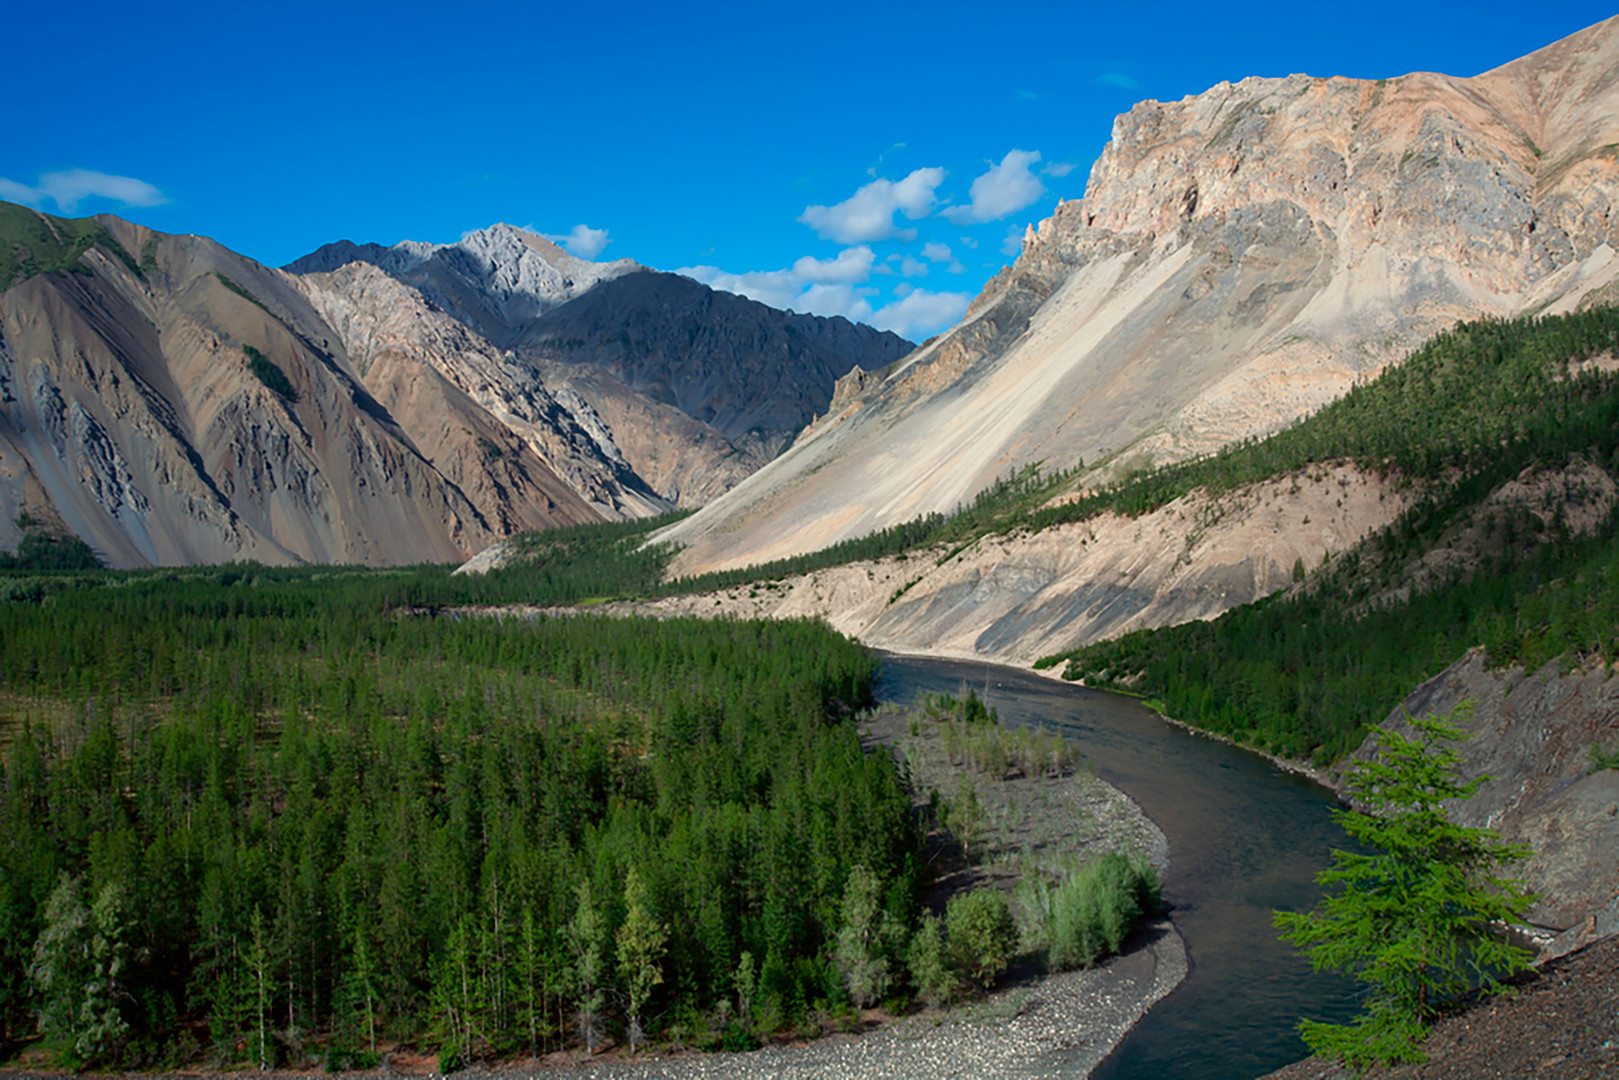 Das wunderschöne Flussbett der Omuljowka